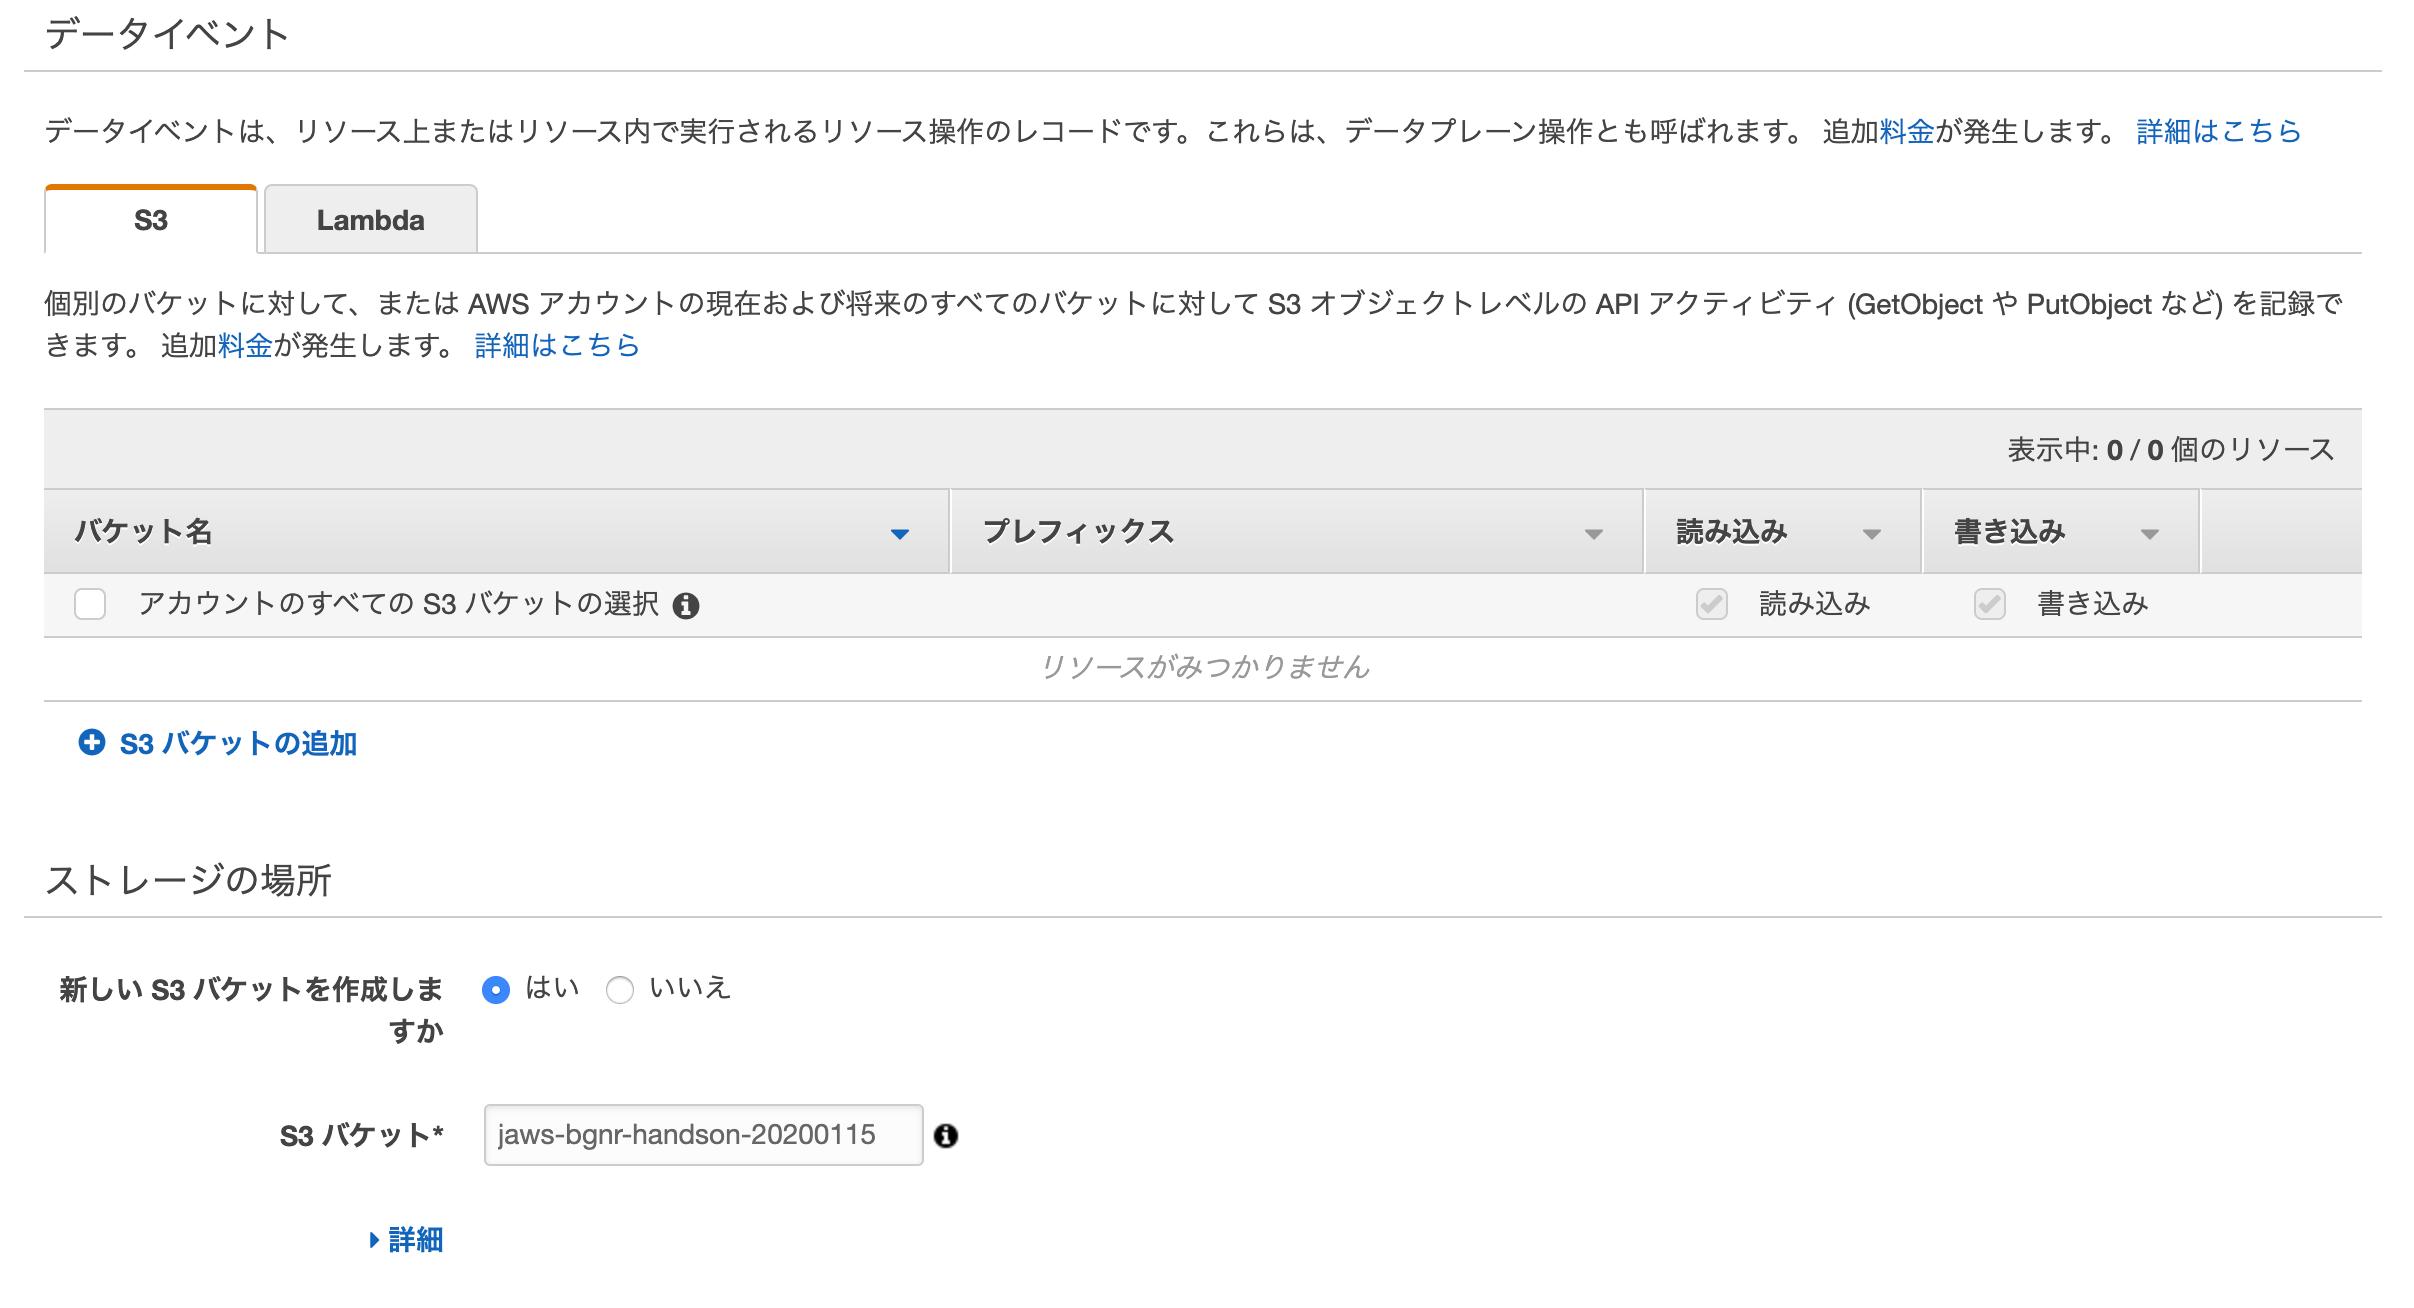 スクリーンショット 2020-01-15 0.38.21.png